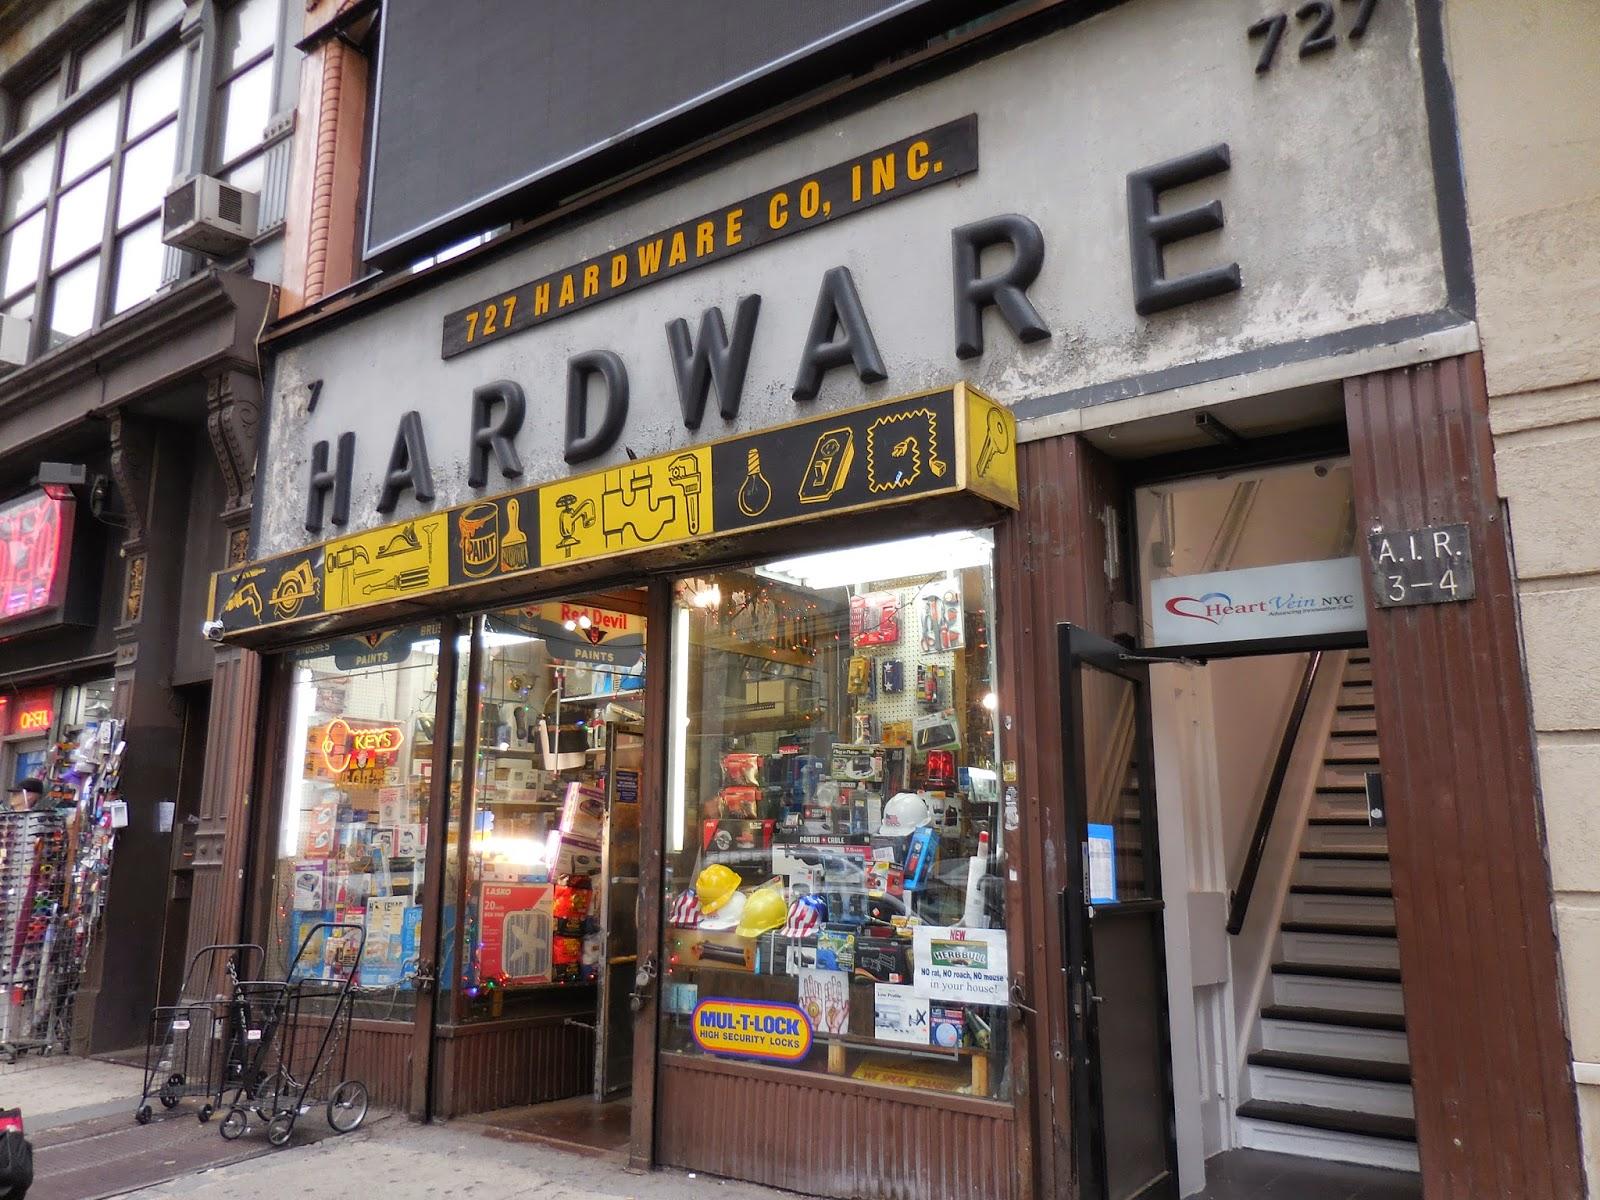 Lighting Basement Washroom Stairs: Jeremiah's Vanishing New York: 727 Hardware